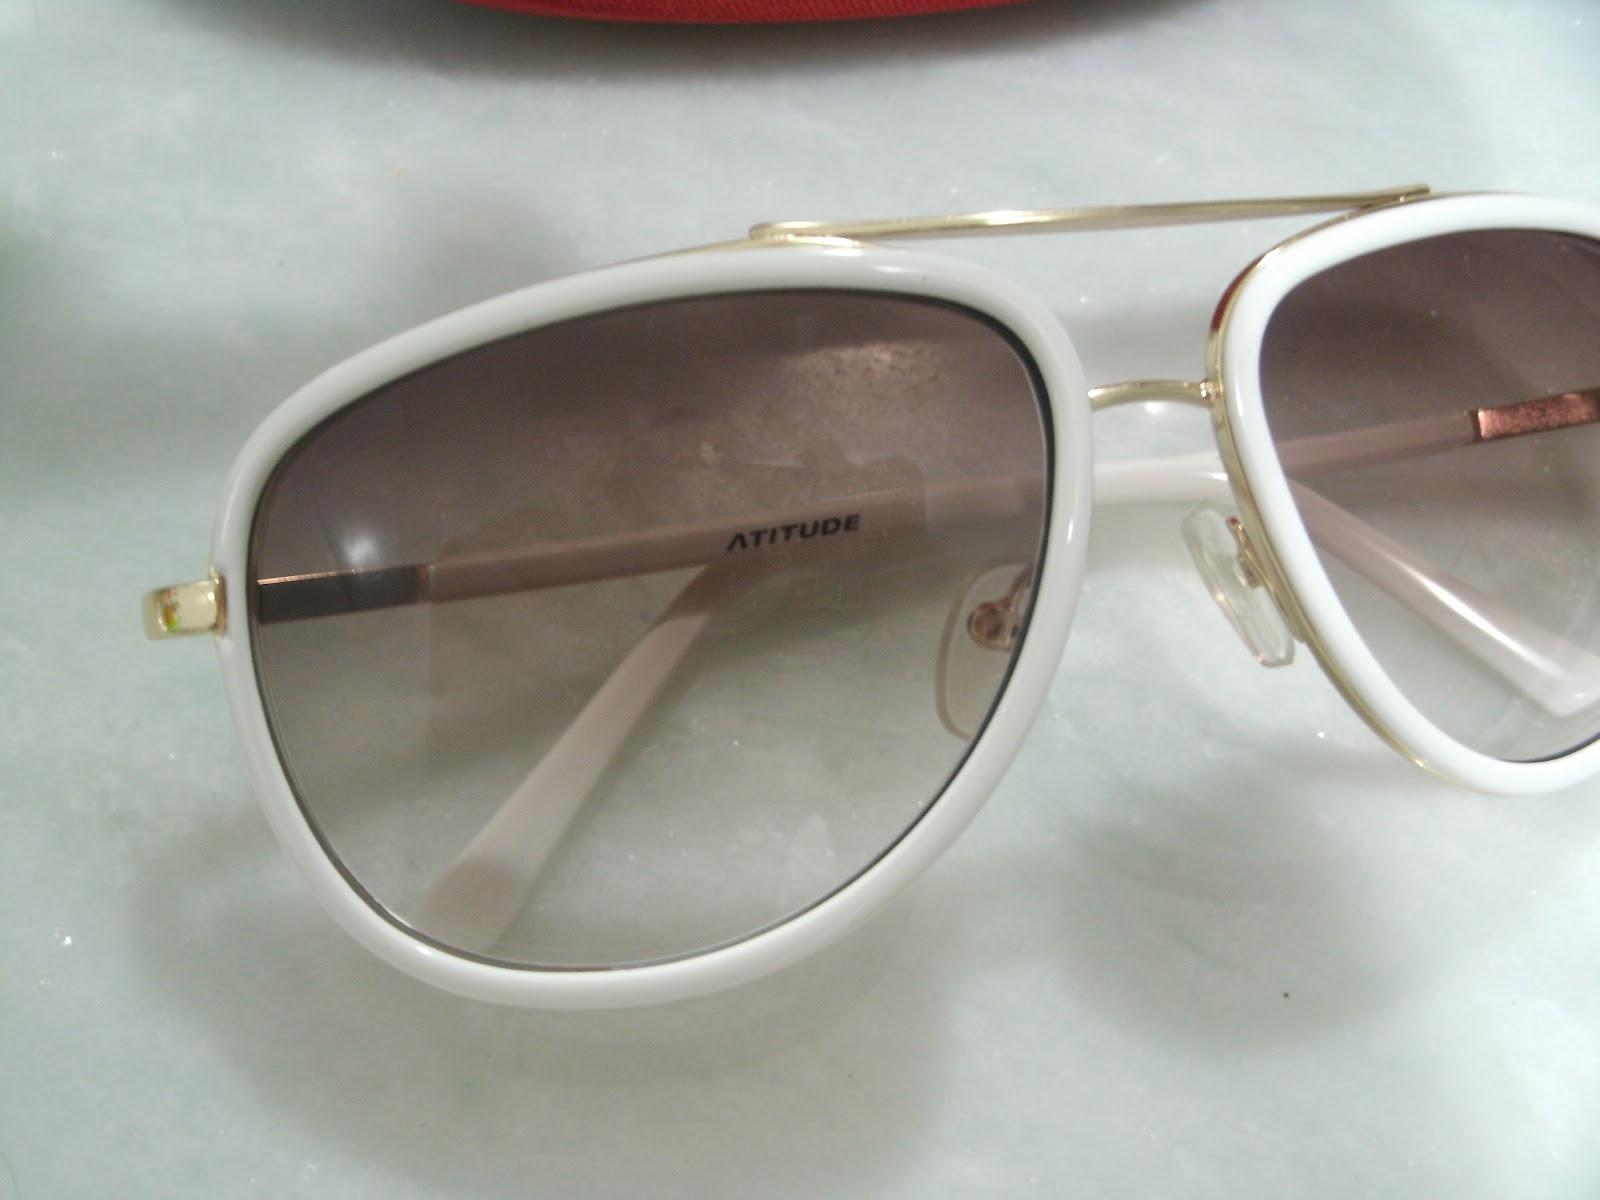 Esse óculos é da marca Atitude by Wanessa Camargo, ele tem armação branca e  os detalhes em dourado, liiindo! Super leve e fica lindo no rosto! 796a557dd1